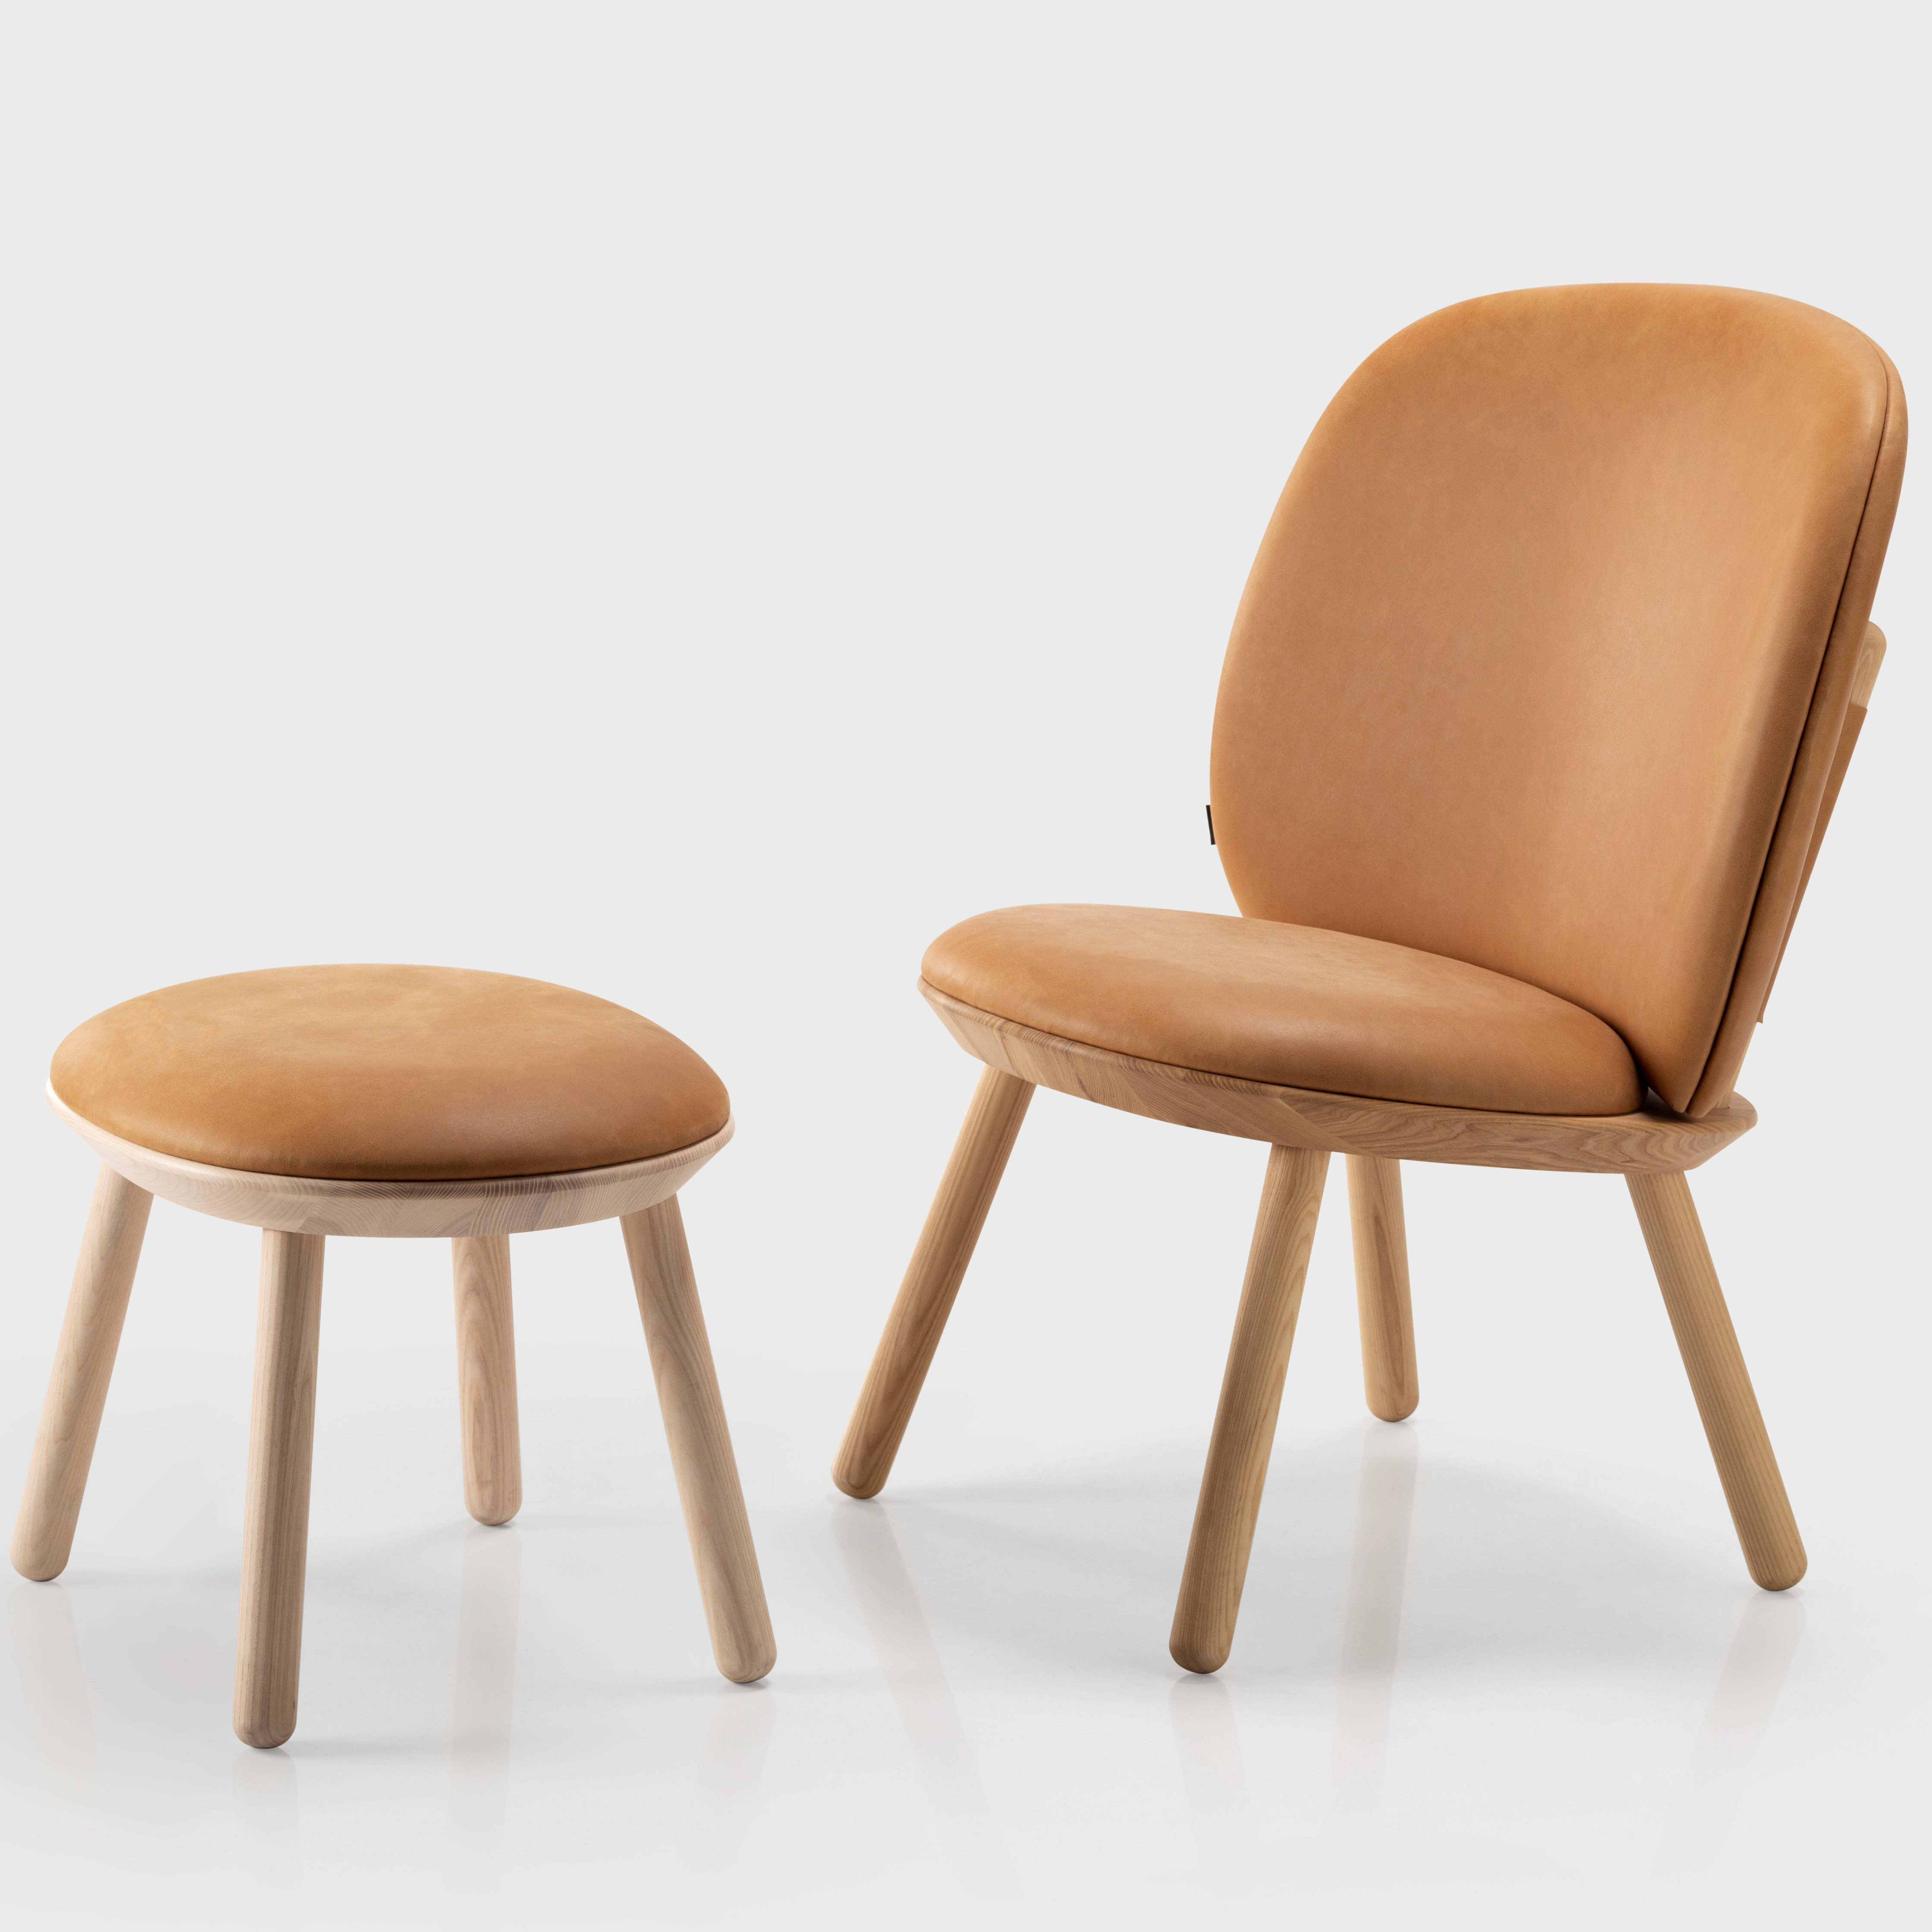 1_Emko-Naive-foteliukas